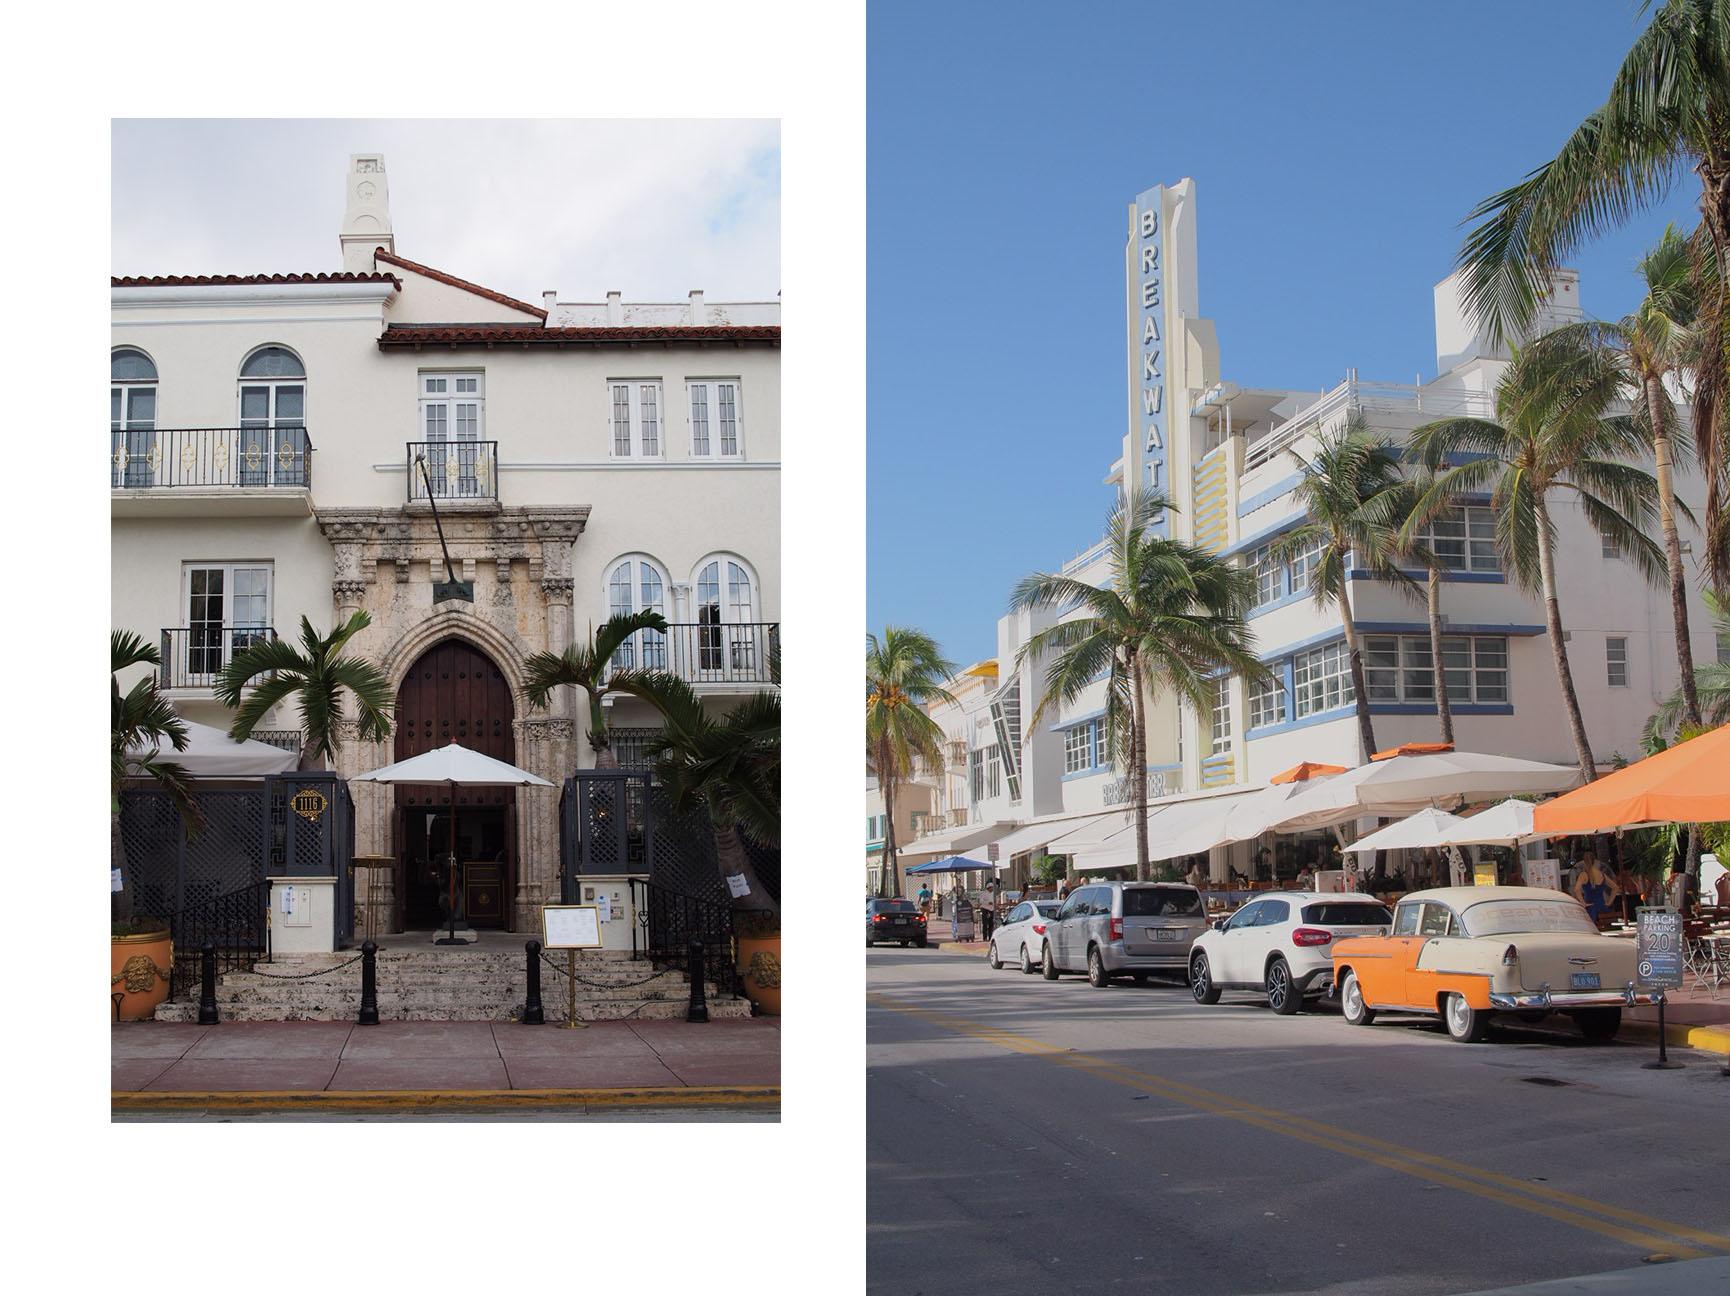 Miami Gianni Versace